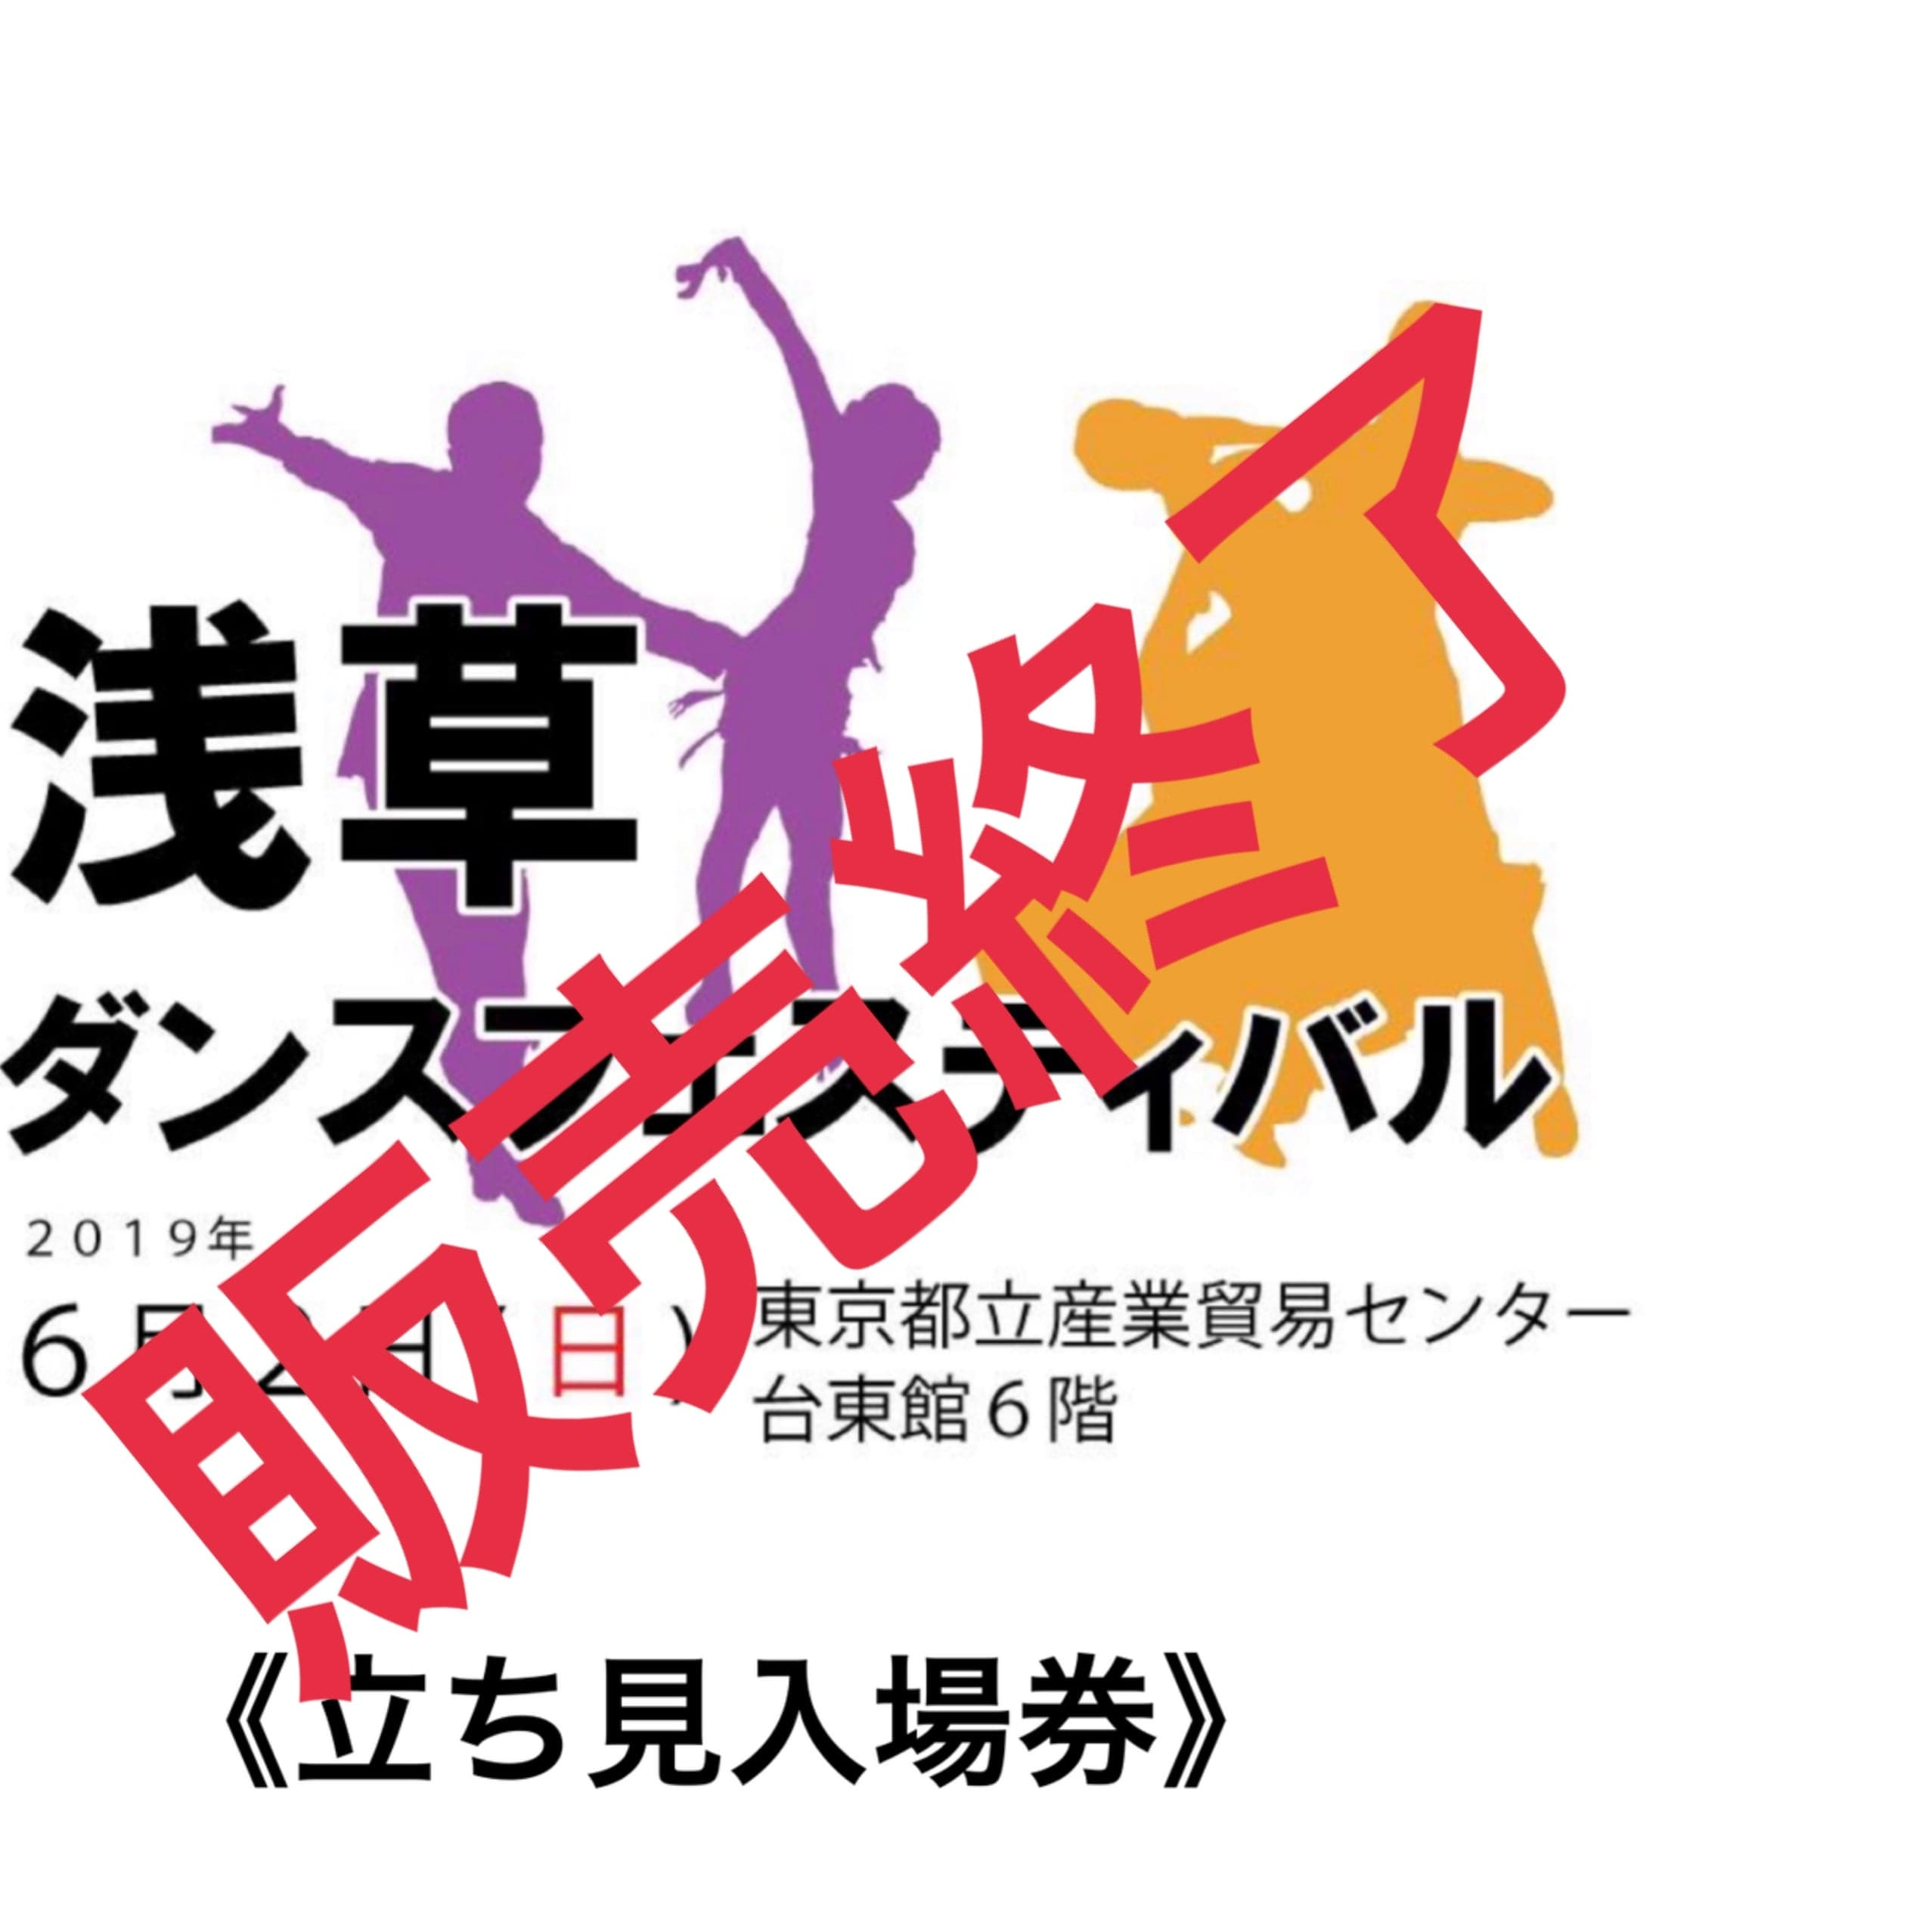 2019/6/2 浅草ダンスフェスティバル 立ち見入場券のイメージその1